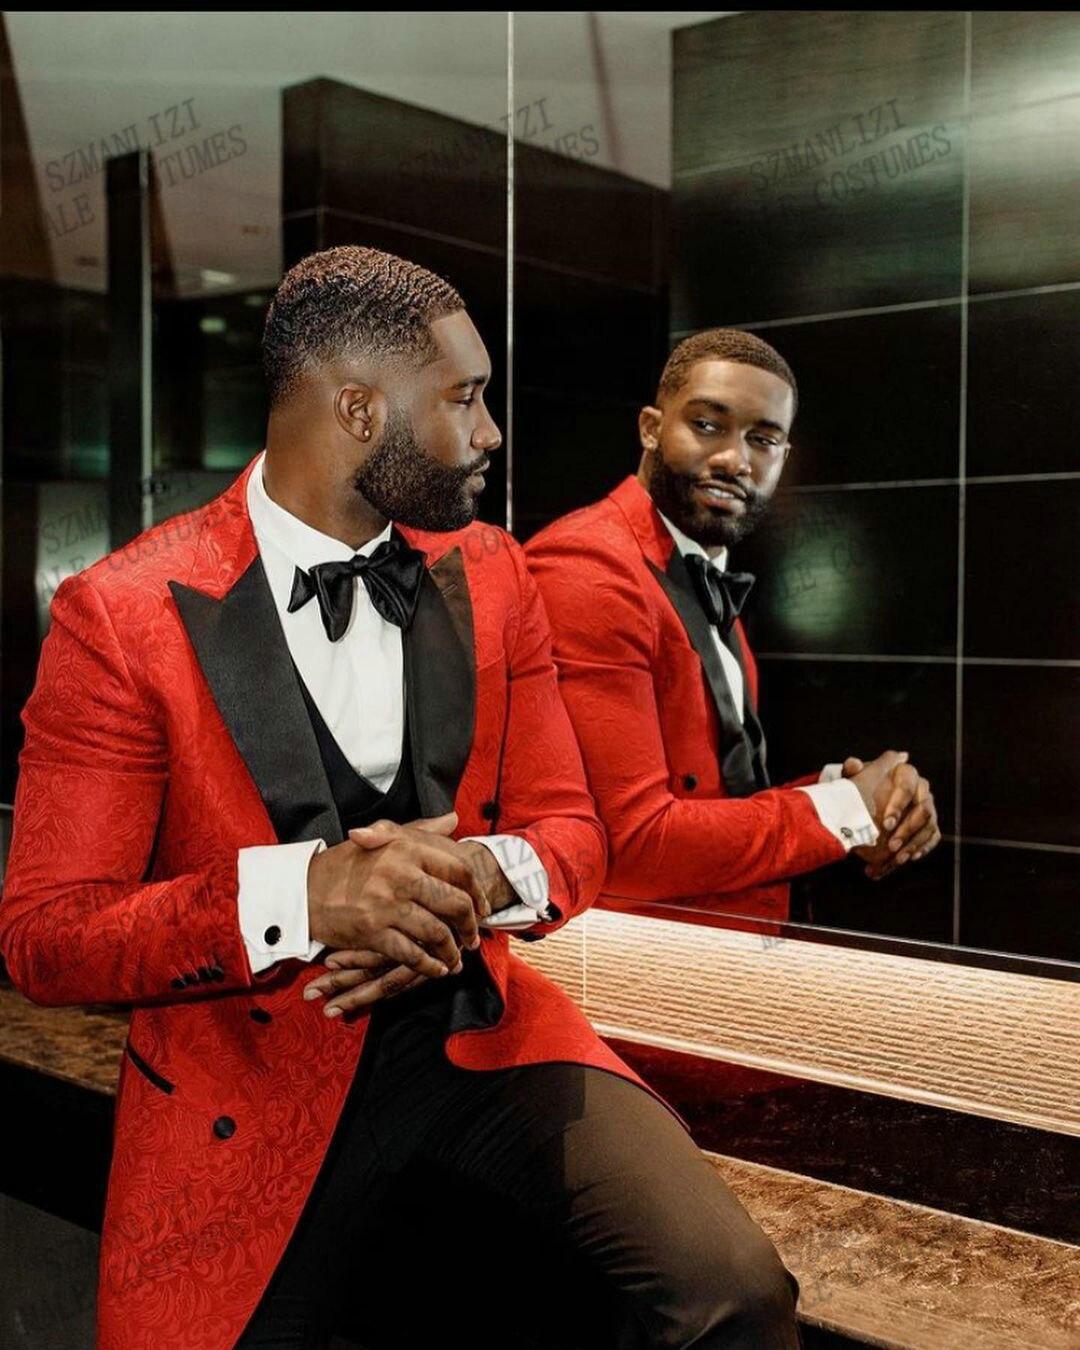 بدلة سهرة لحفلات الزفاف من 3 قطع بتصميم زهور حمراء موضة 2021 بصدر مزدوج بدلة رسمية للحفلات الراقصة للرجال بدلة أفضل رجل